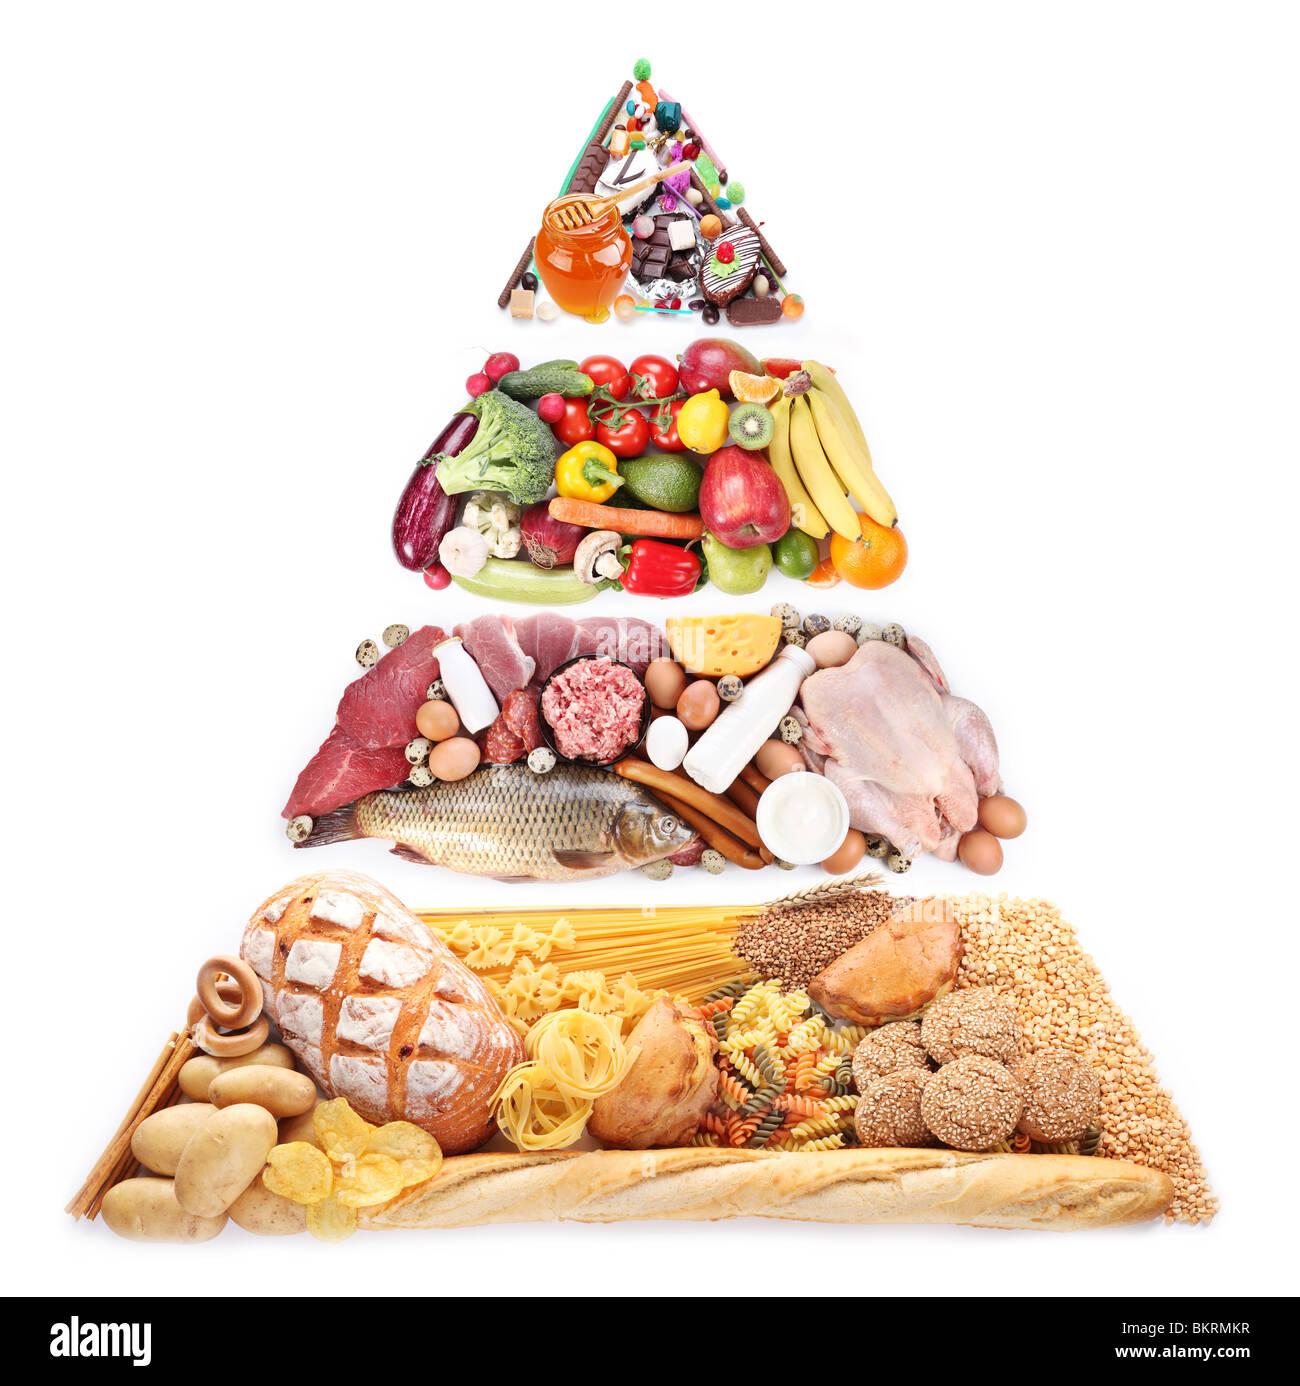 Pirámide de los alimentos para una dieta equilibrada. Aislado en blanco Imagen De Stock